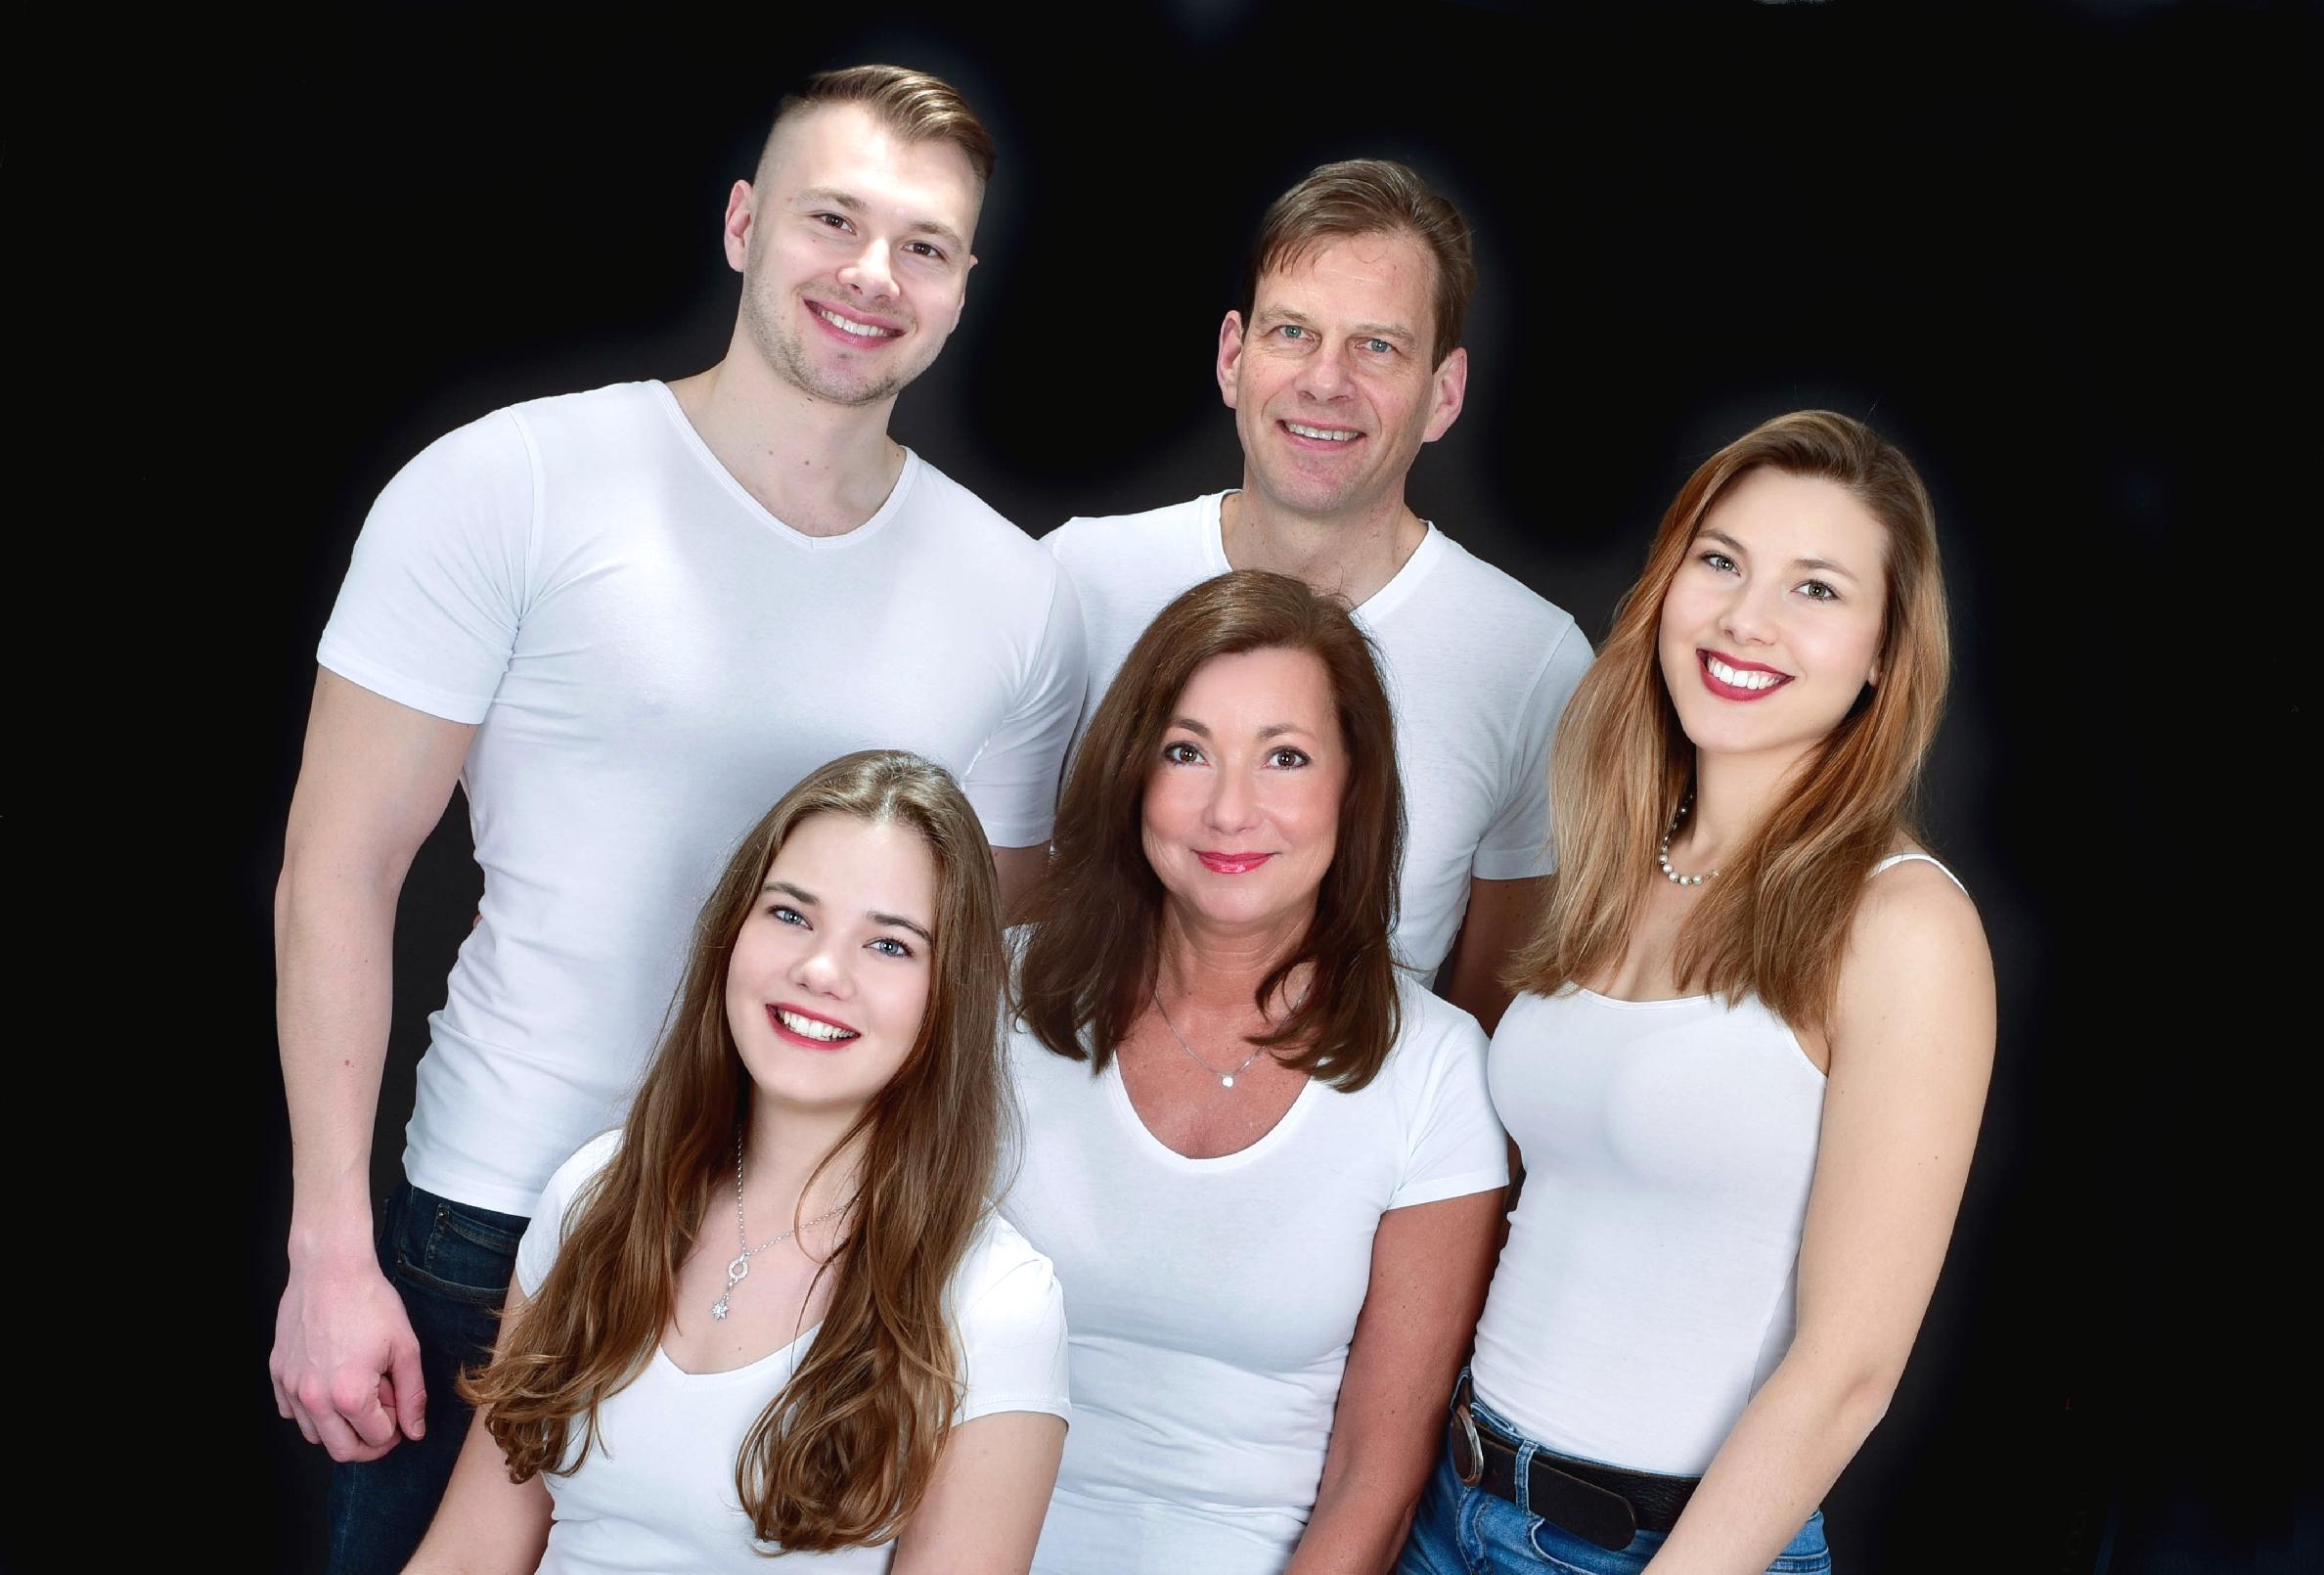 Sie sehen ein Familienfoto einer großen Familie.